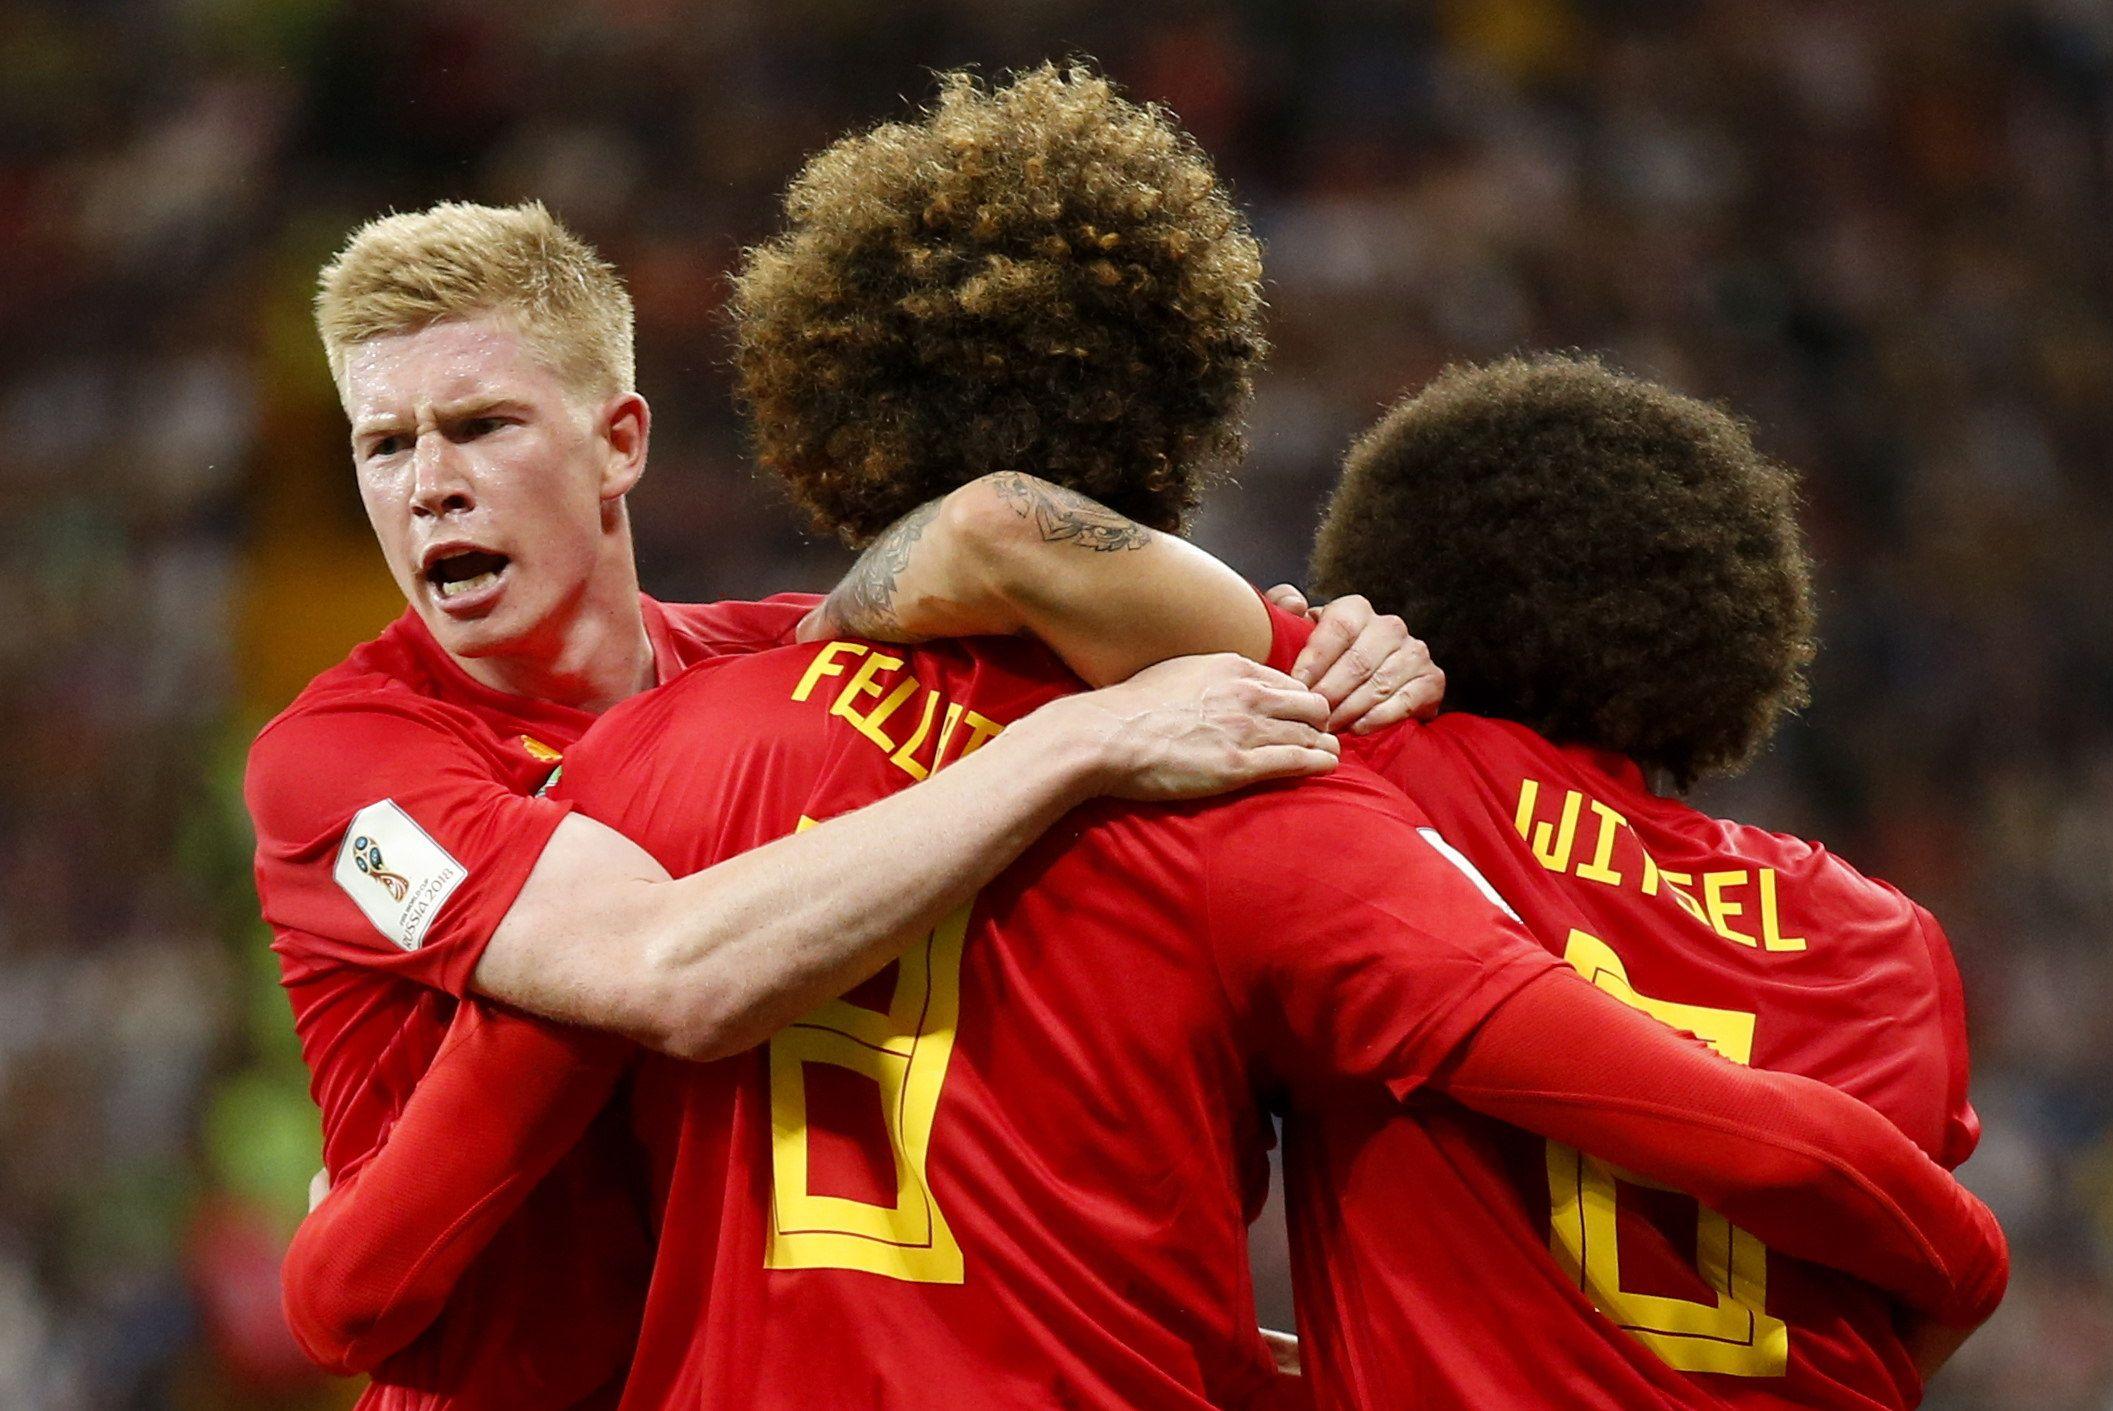 Bélgica se inscribe en cuartos. Foto: EFE